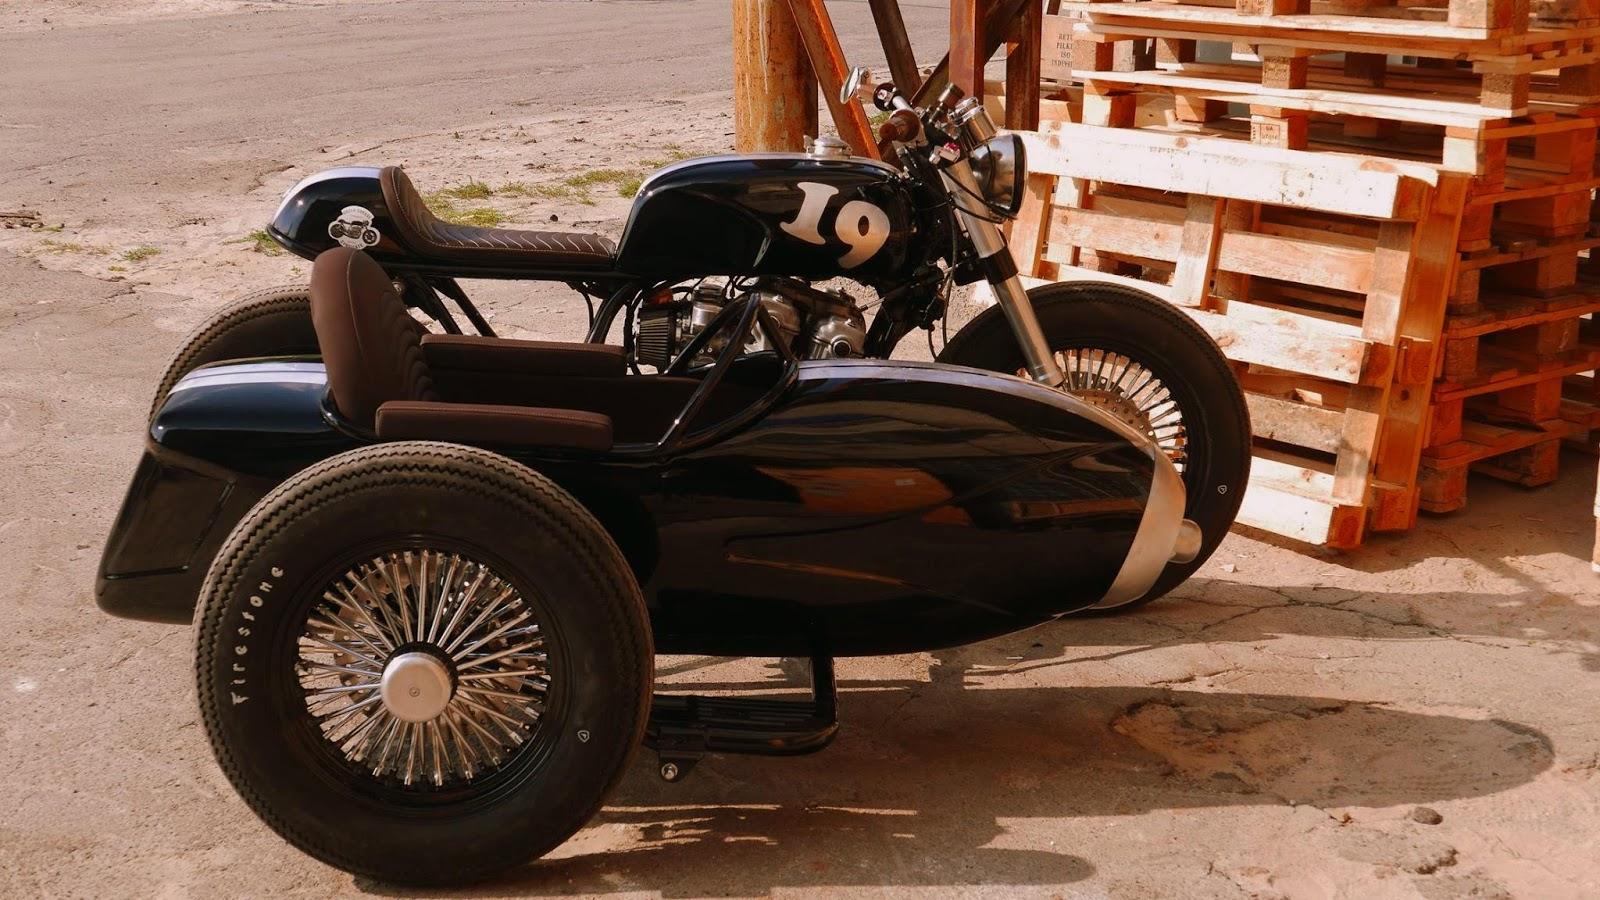 CB 900 Sidecar - RocketGarage - Cafe Racer Magazine